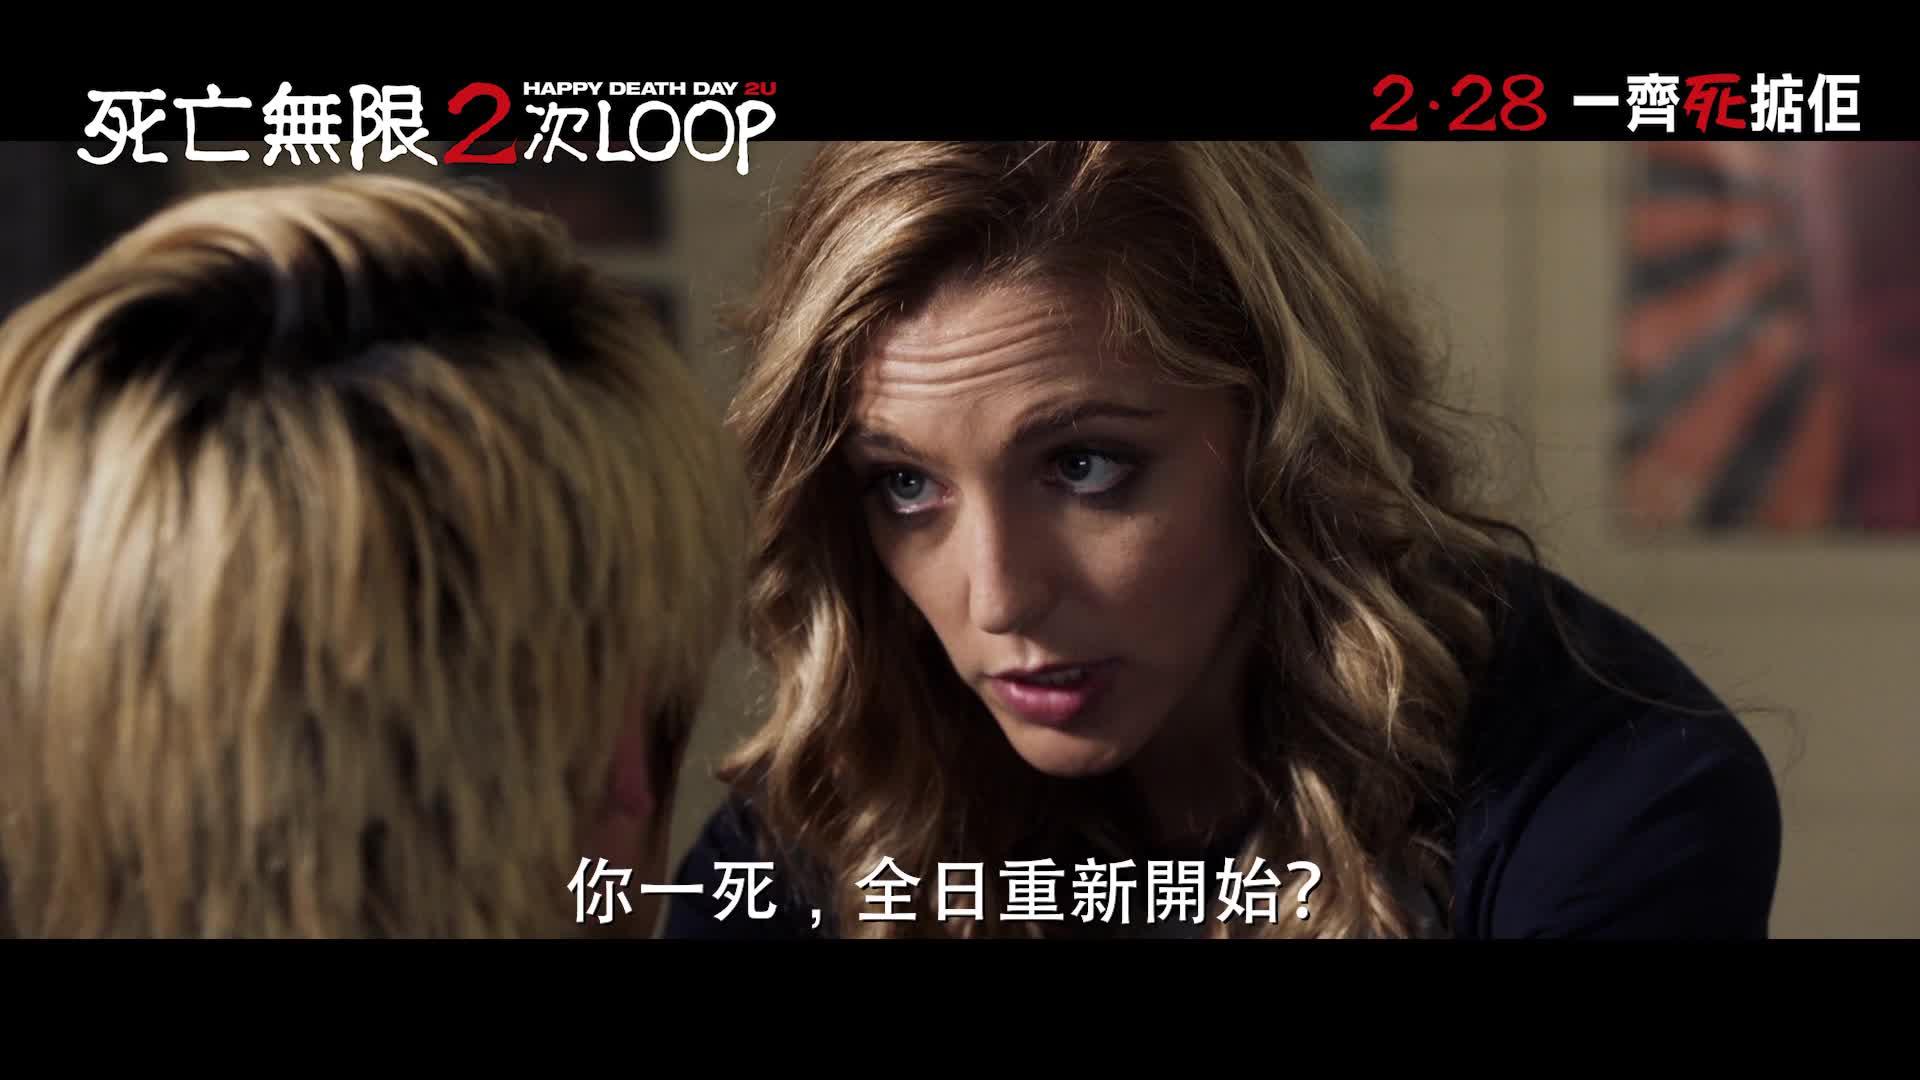 《死亡無限2次LOOP》中文預告